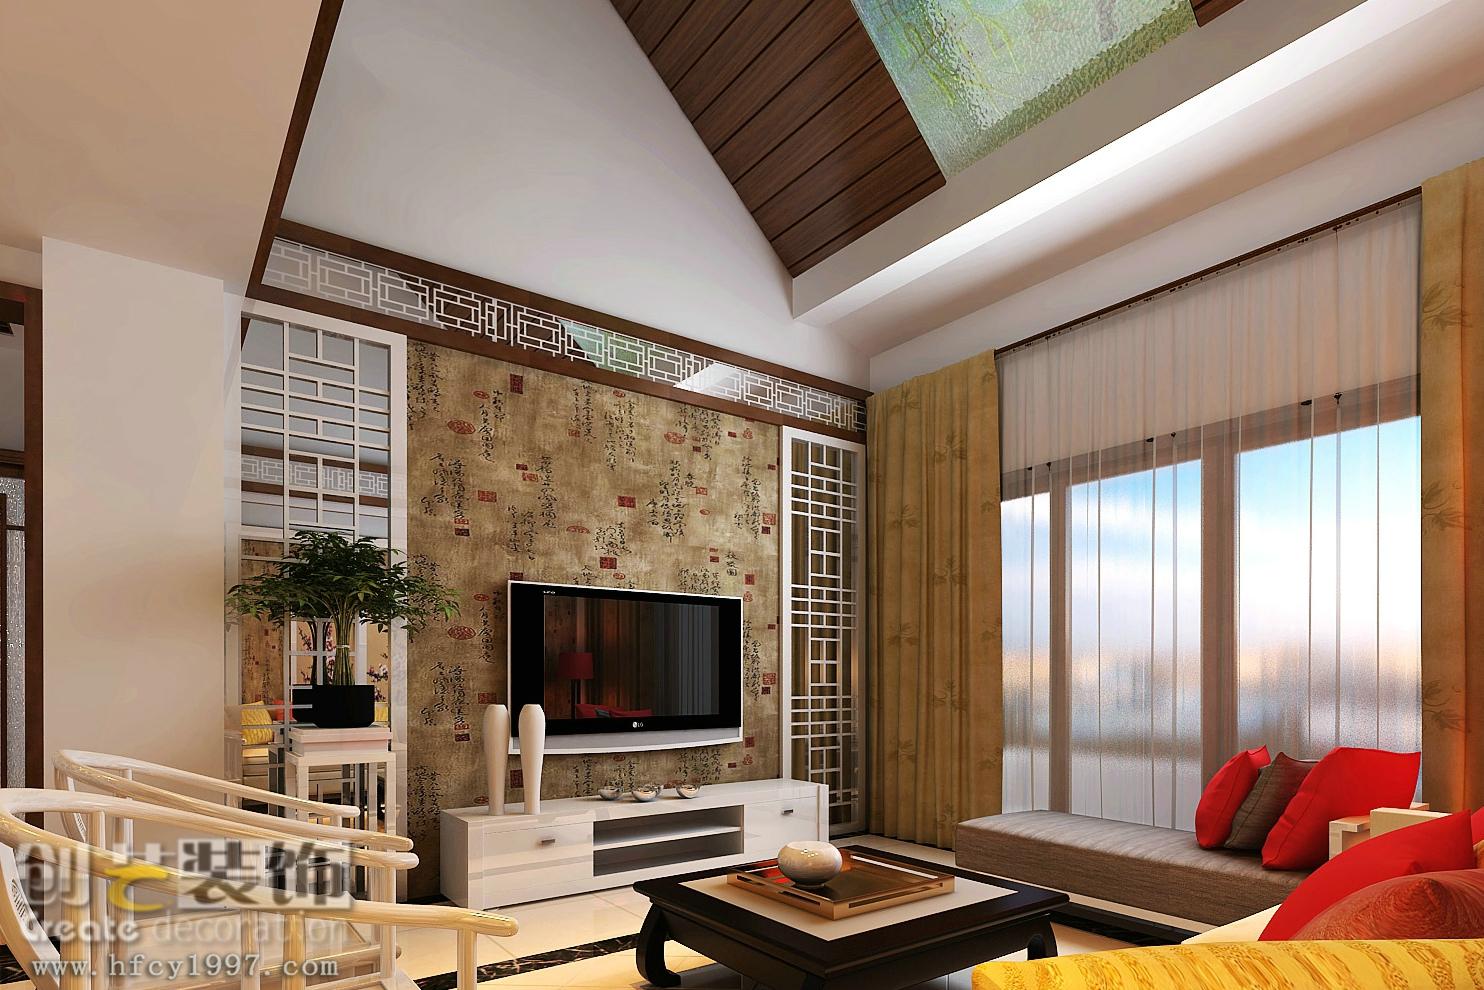 复式楼中式风格_经开区锦秀年华130平米现代中式风格复式12万元图片